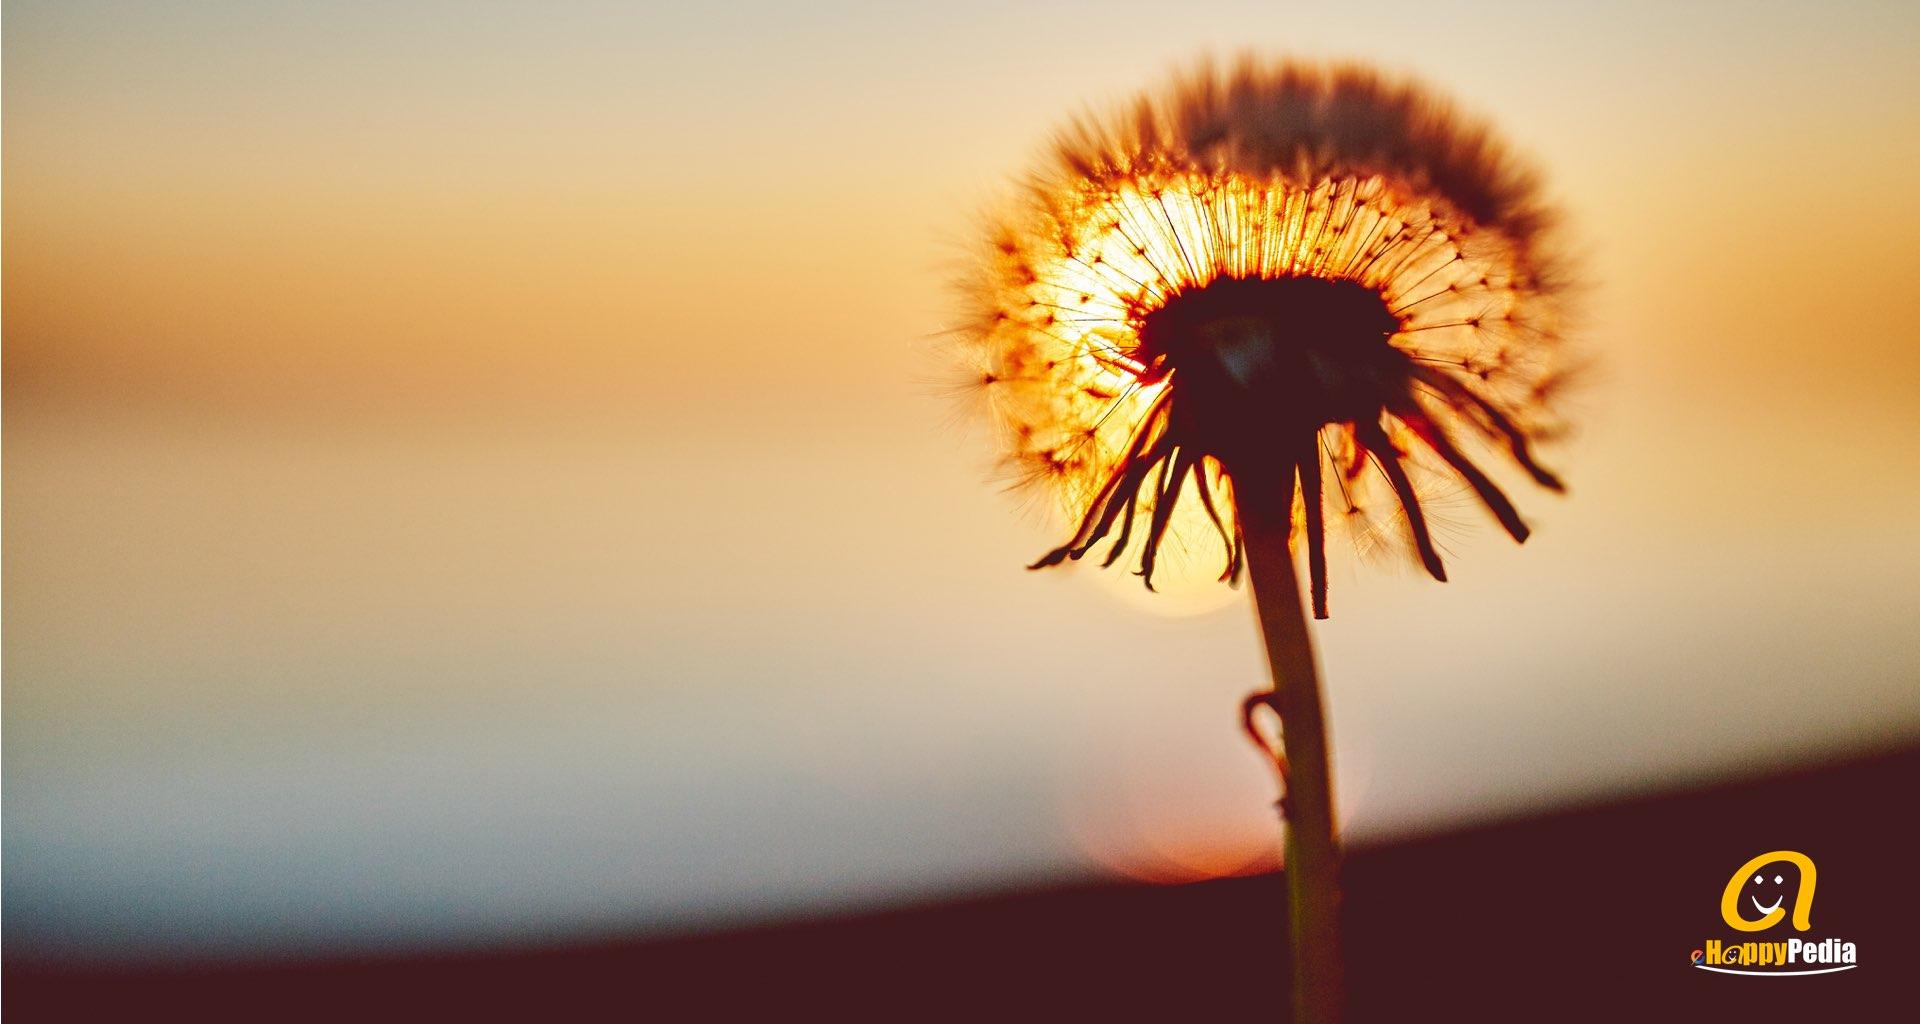 blog - sunset flower.jpeg